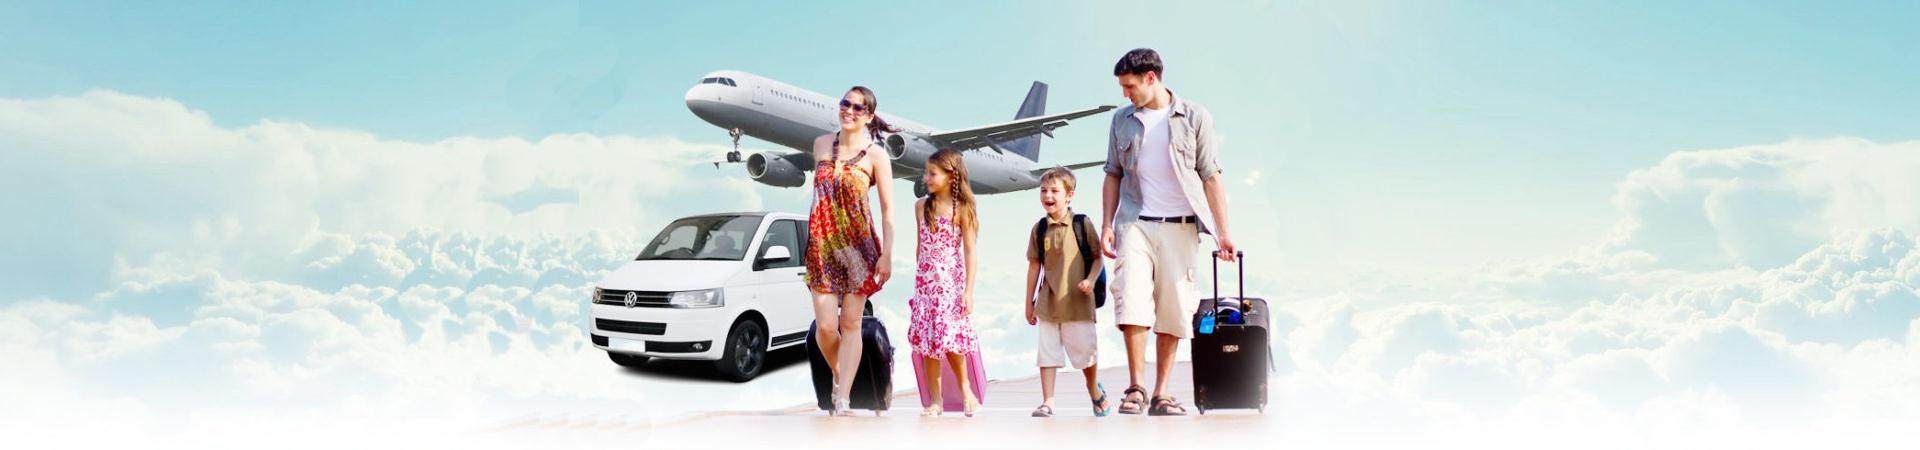 Antalya Luchthaven Transfer